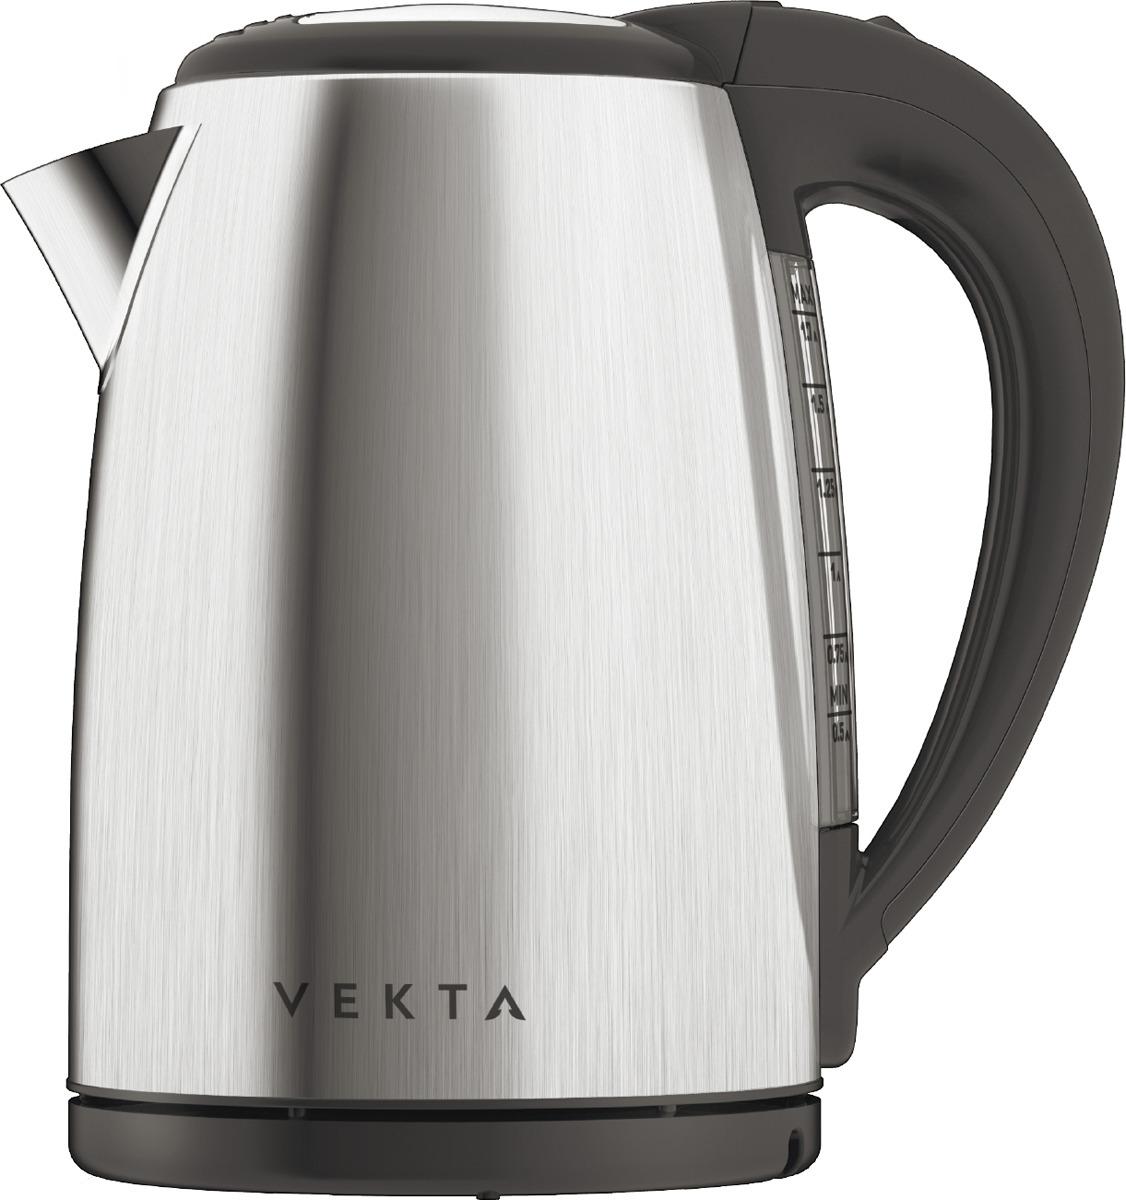 Электрический чайник Vekta KMS-1702, серый металлик, 1,7 л